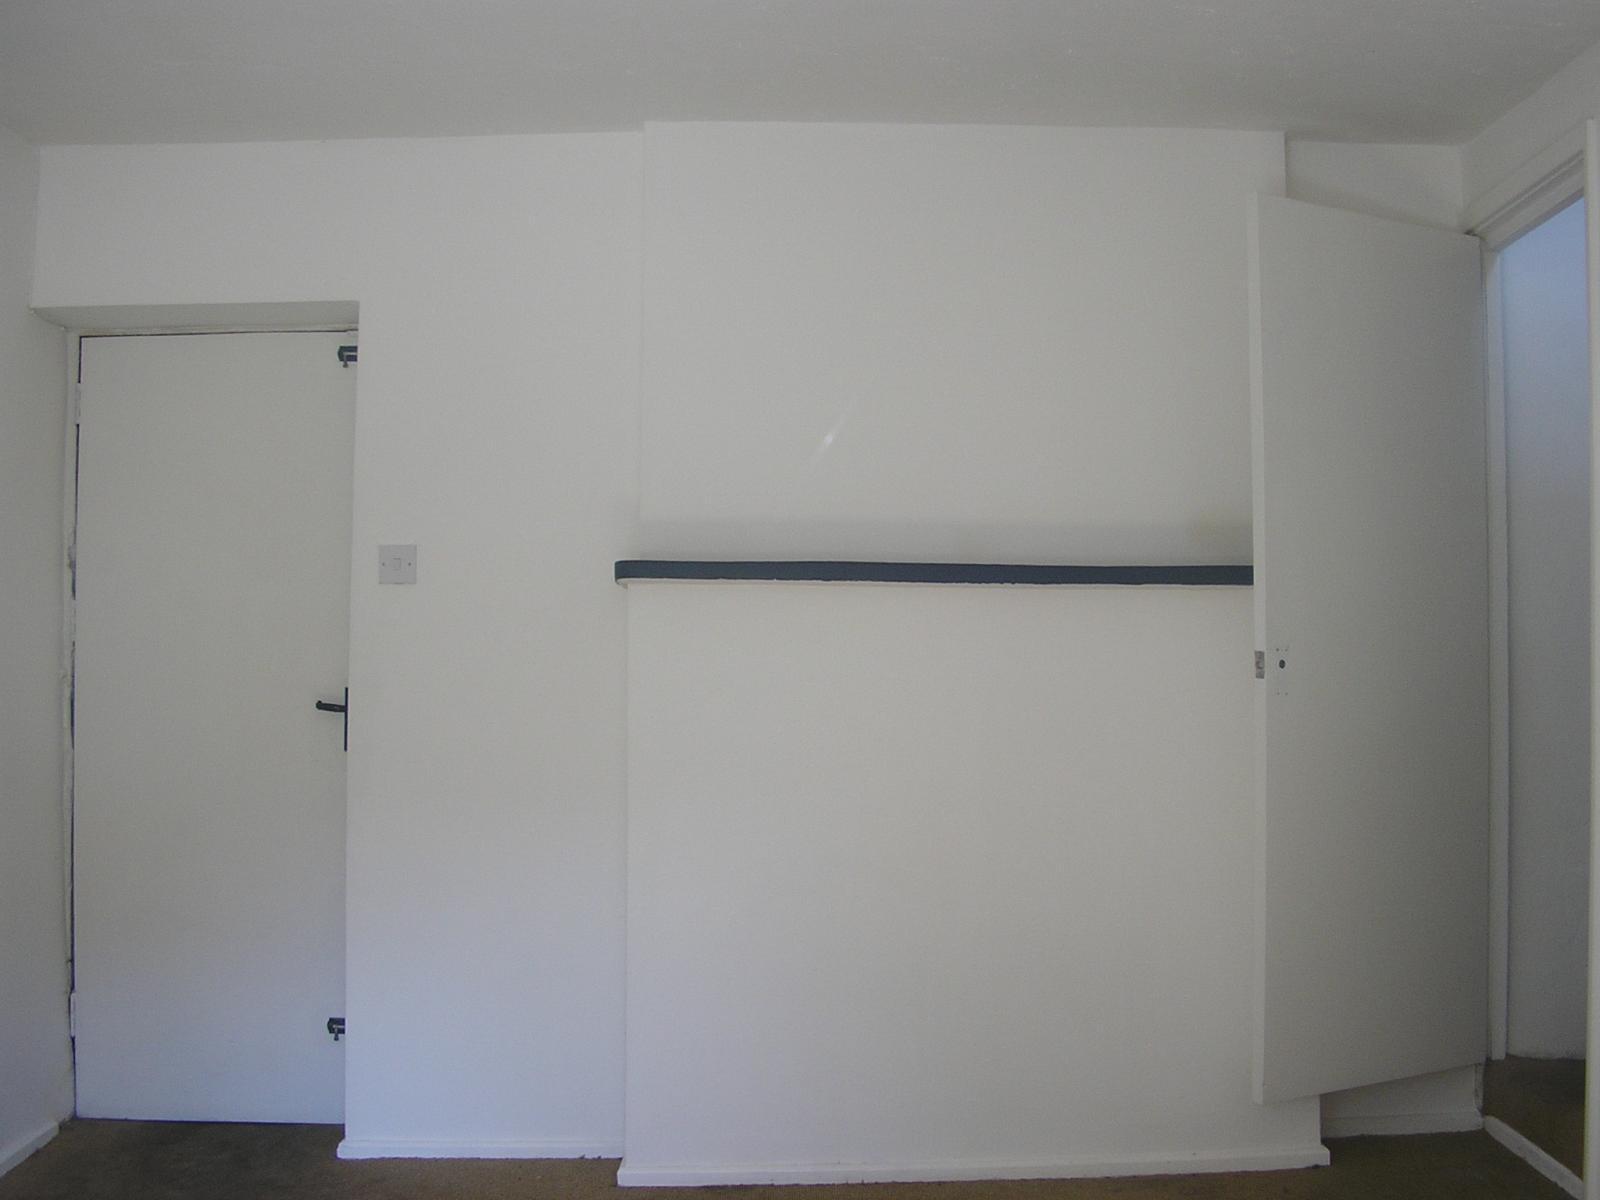 t Interior.JPG